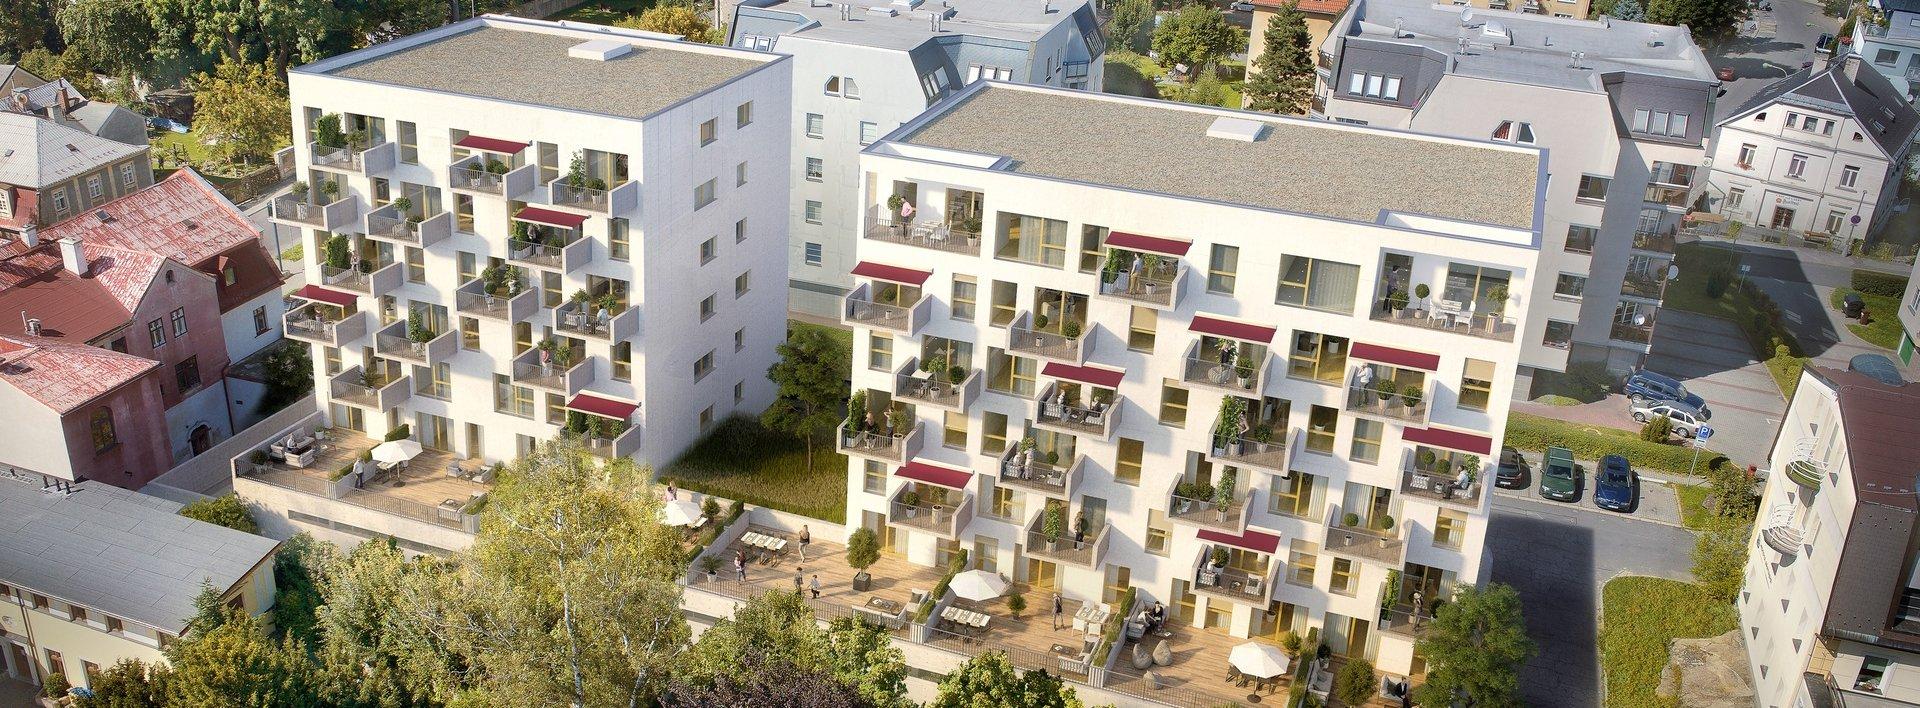 Jižní byt 3+kk v centru Liberce s prostornou terasou, Ev.č.: N48371